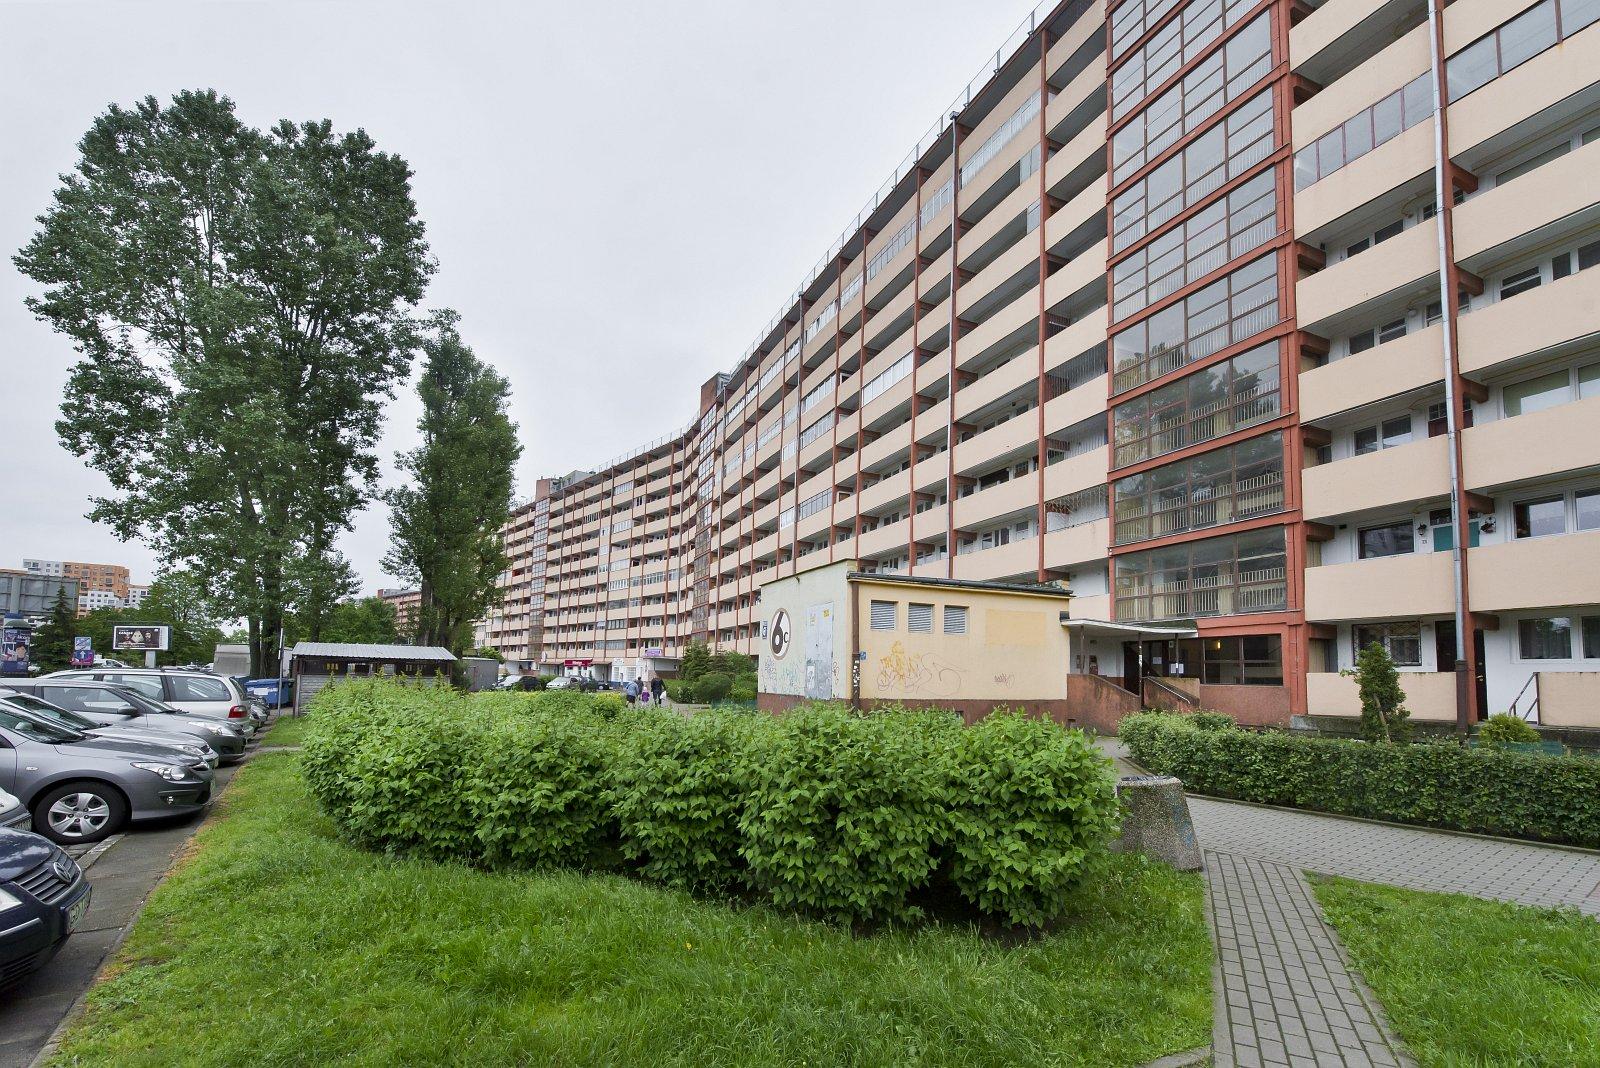 mieszkanie-wynajem-gdansk-ow4-05-09web